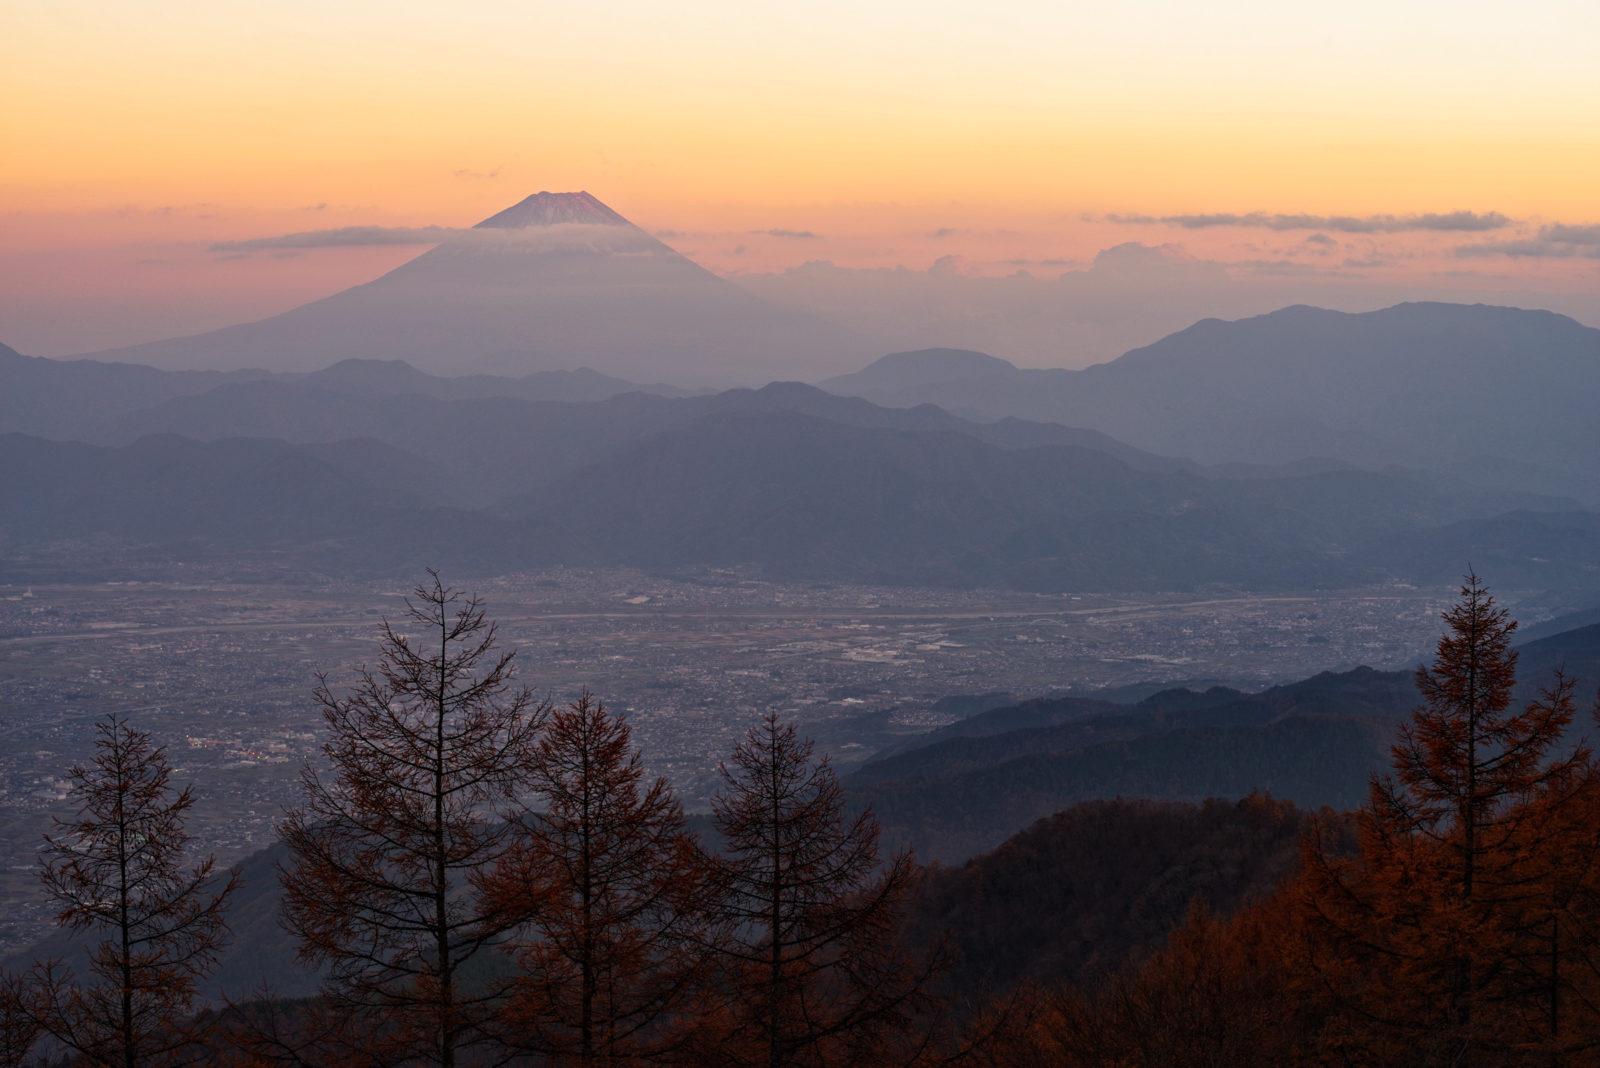 甘利山より富士山 | PENTAX K-1&D FA★70-200mm